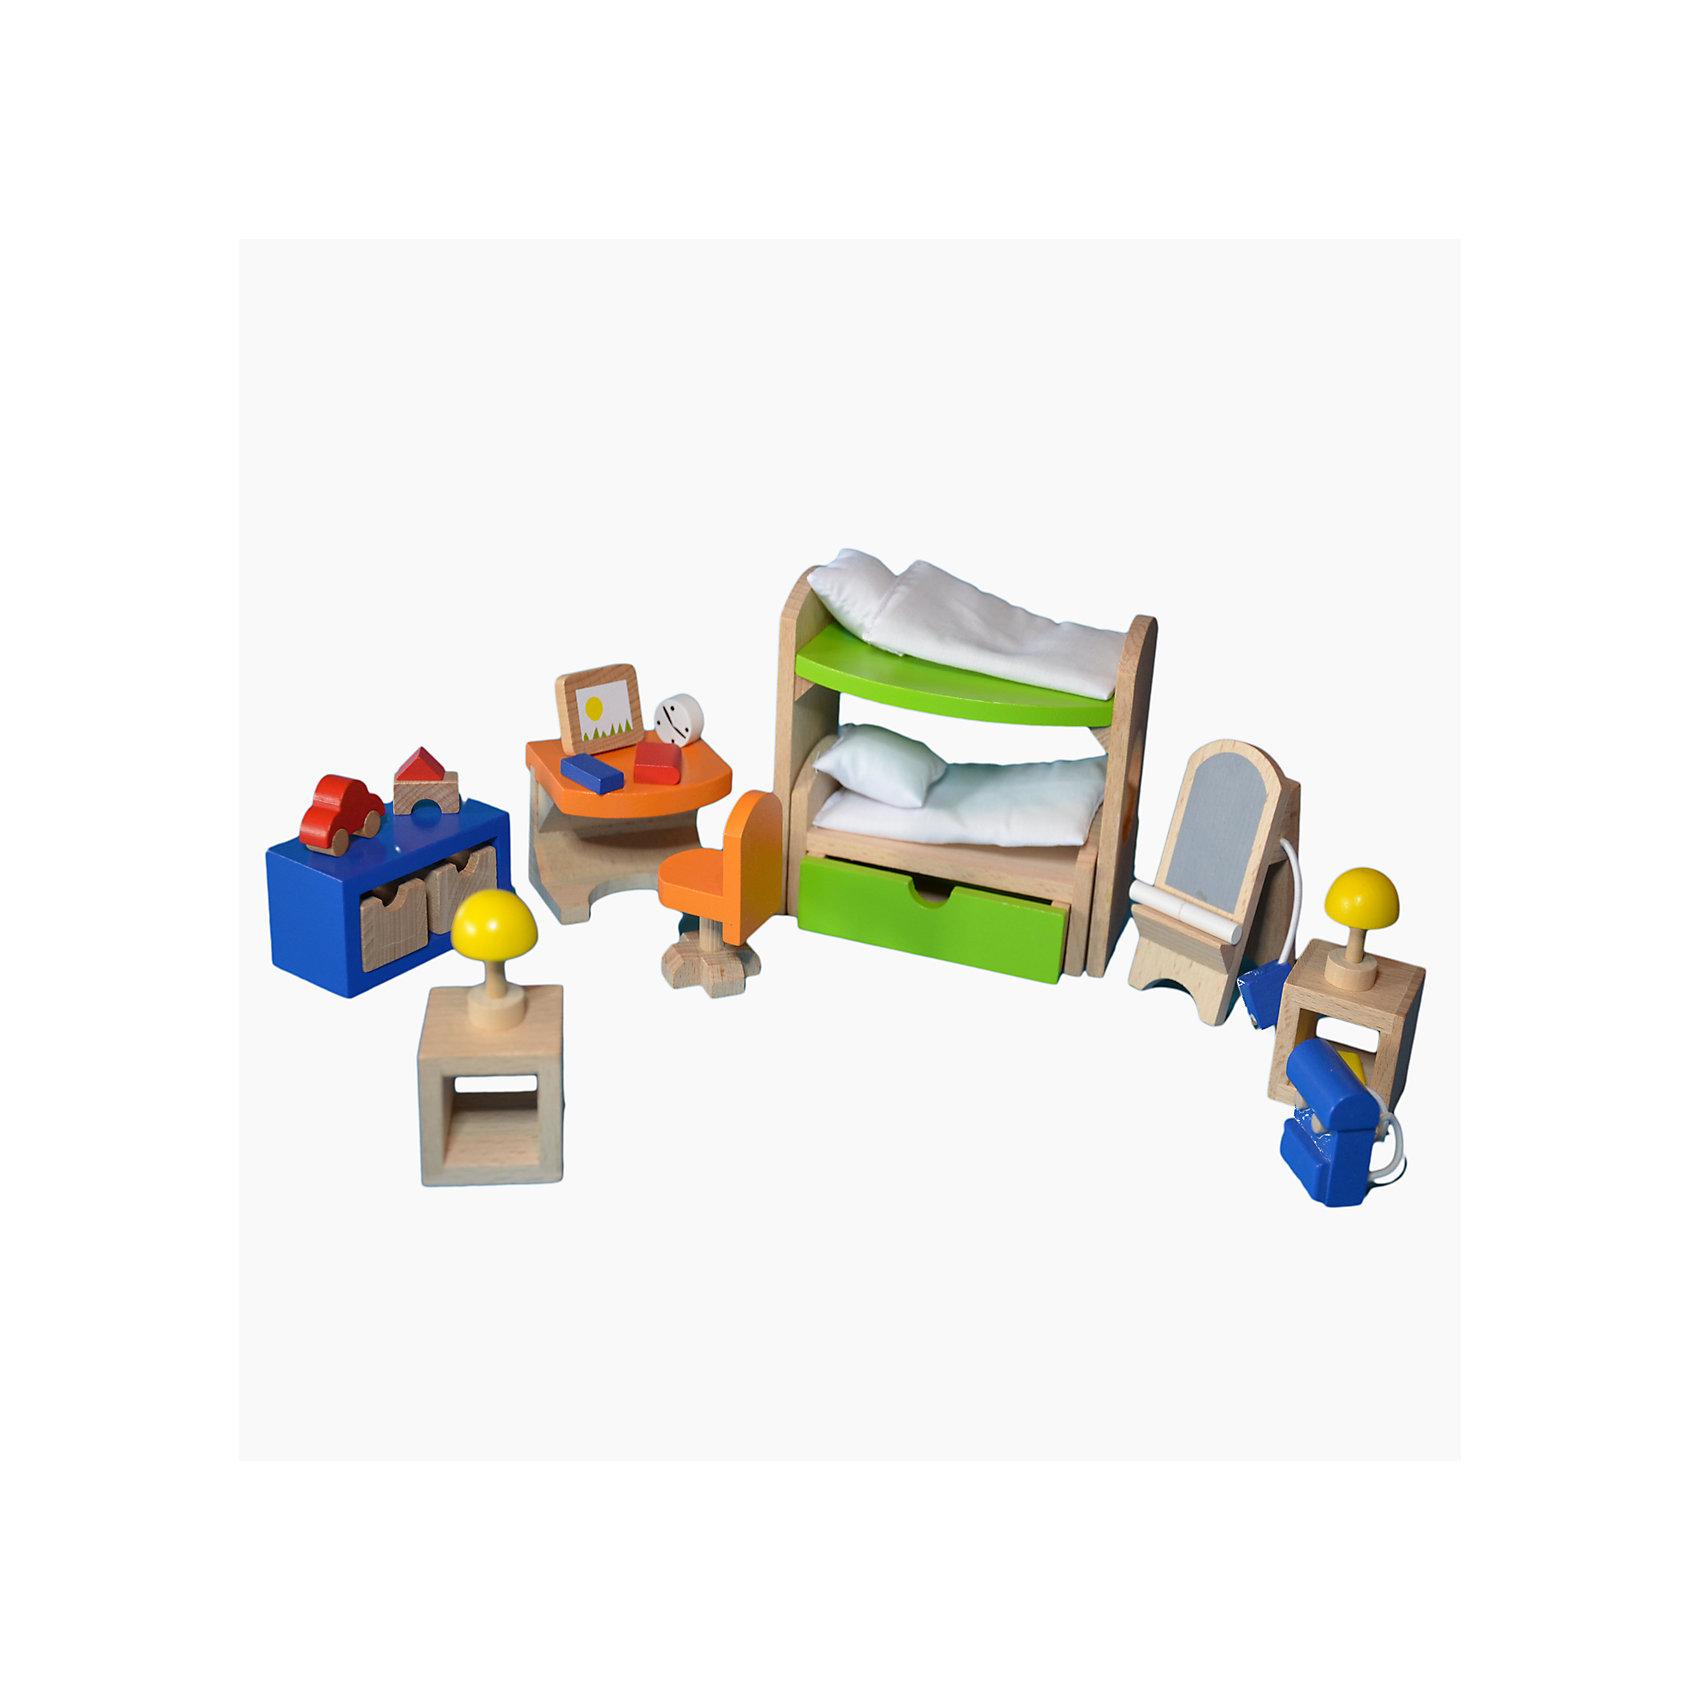 Мебель для кукольной детской с двухэтажной кроватью, gokiДомики и мебель<br>Характеристики товара:<br><br>- цвет: разноцветный;<br>- материал: дерево;<br>- возраст: от трех лет;<br>- комплектация: 28 предметов.<br><br>Этот симпатичный набор из множества предметов, необходимых в кукольной детской, приводит детей в восторг! Какая девочка сможет отказаться поиграть с куклами, которые имеют детскую, так похожую на настоящую?! В набор входят самые необходимые для этого помещения вещи. Игрушки очень качественно выполнены, поэтому набор станет замечательным подарком ребенку. <br>Продается набор в красивой удобной упаковке. Игры с куклами помогают девочкам развить важные навыки и отработать модели социального взаимодействия. Изделие произведено из высококачественного материала, безопасного для детей.<br><br>Мебель для кукольной детской с двухэтажной кроватью от германского бренда GOKI можно купить в нашем интернет-магазине.<br><br>Ширина мм: 104<br>Глубина мм: 104<br>Высота мм: 104<br>Вес г: 478<br>Возраст от месяцев: 36<br>Возраст до месяцев: 144<br>Пол: Женский<br>Возраст: Детский<br>SKU: 5155317